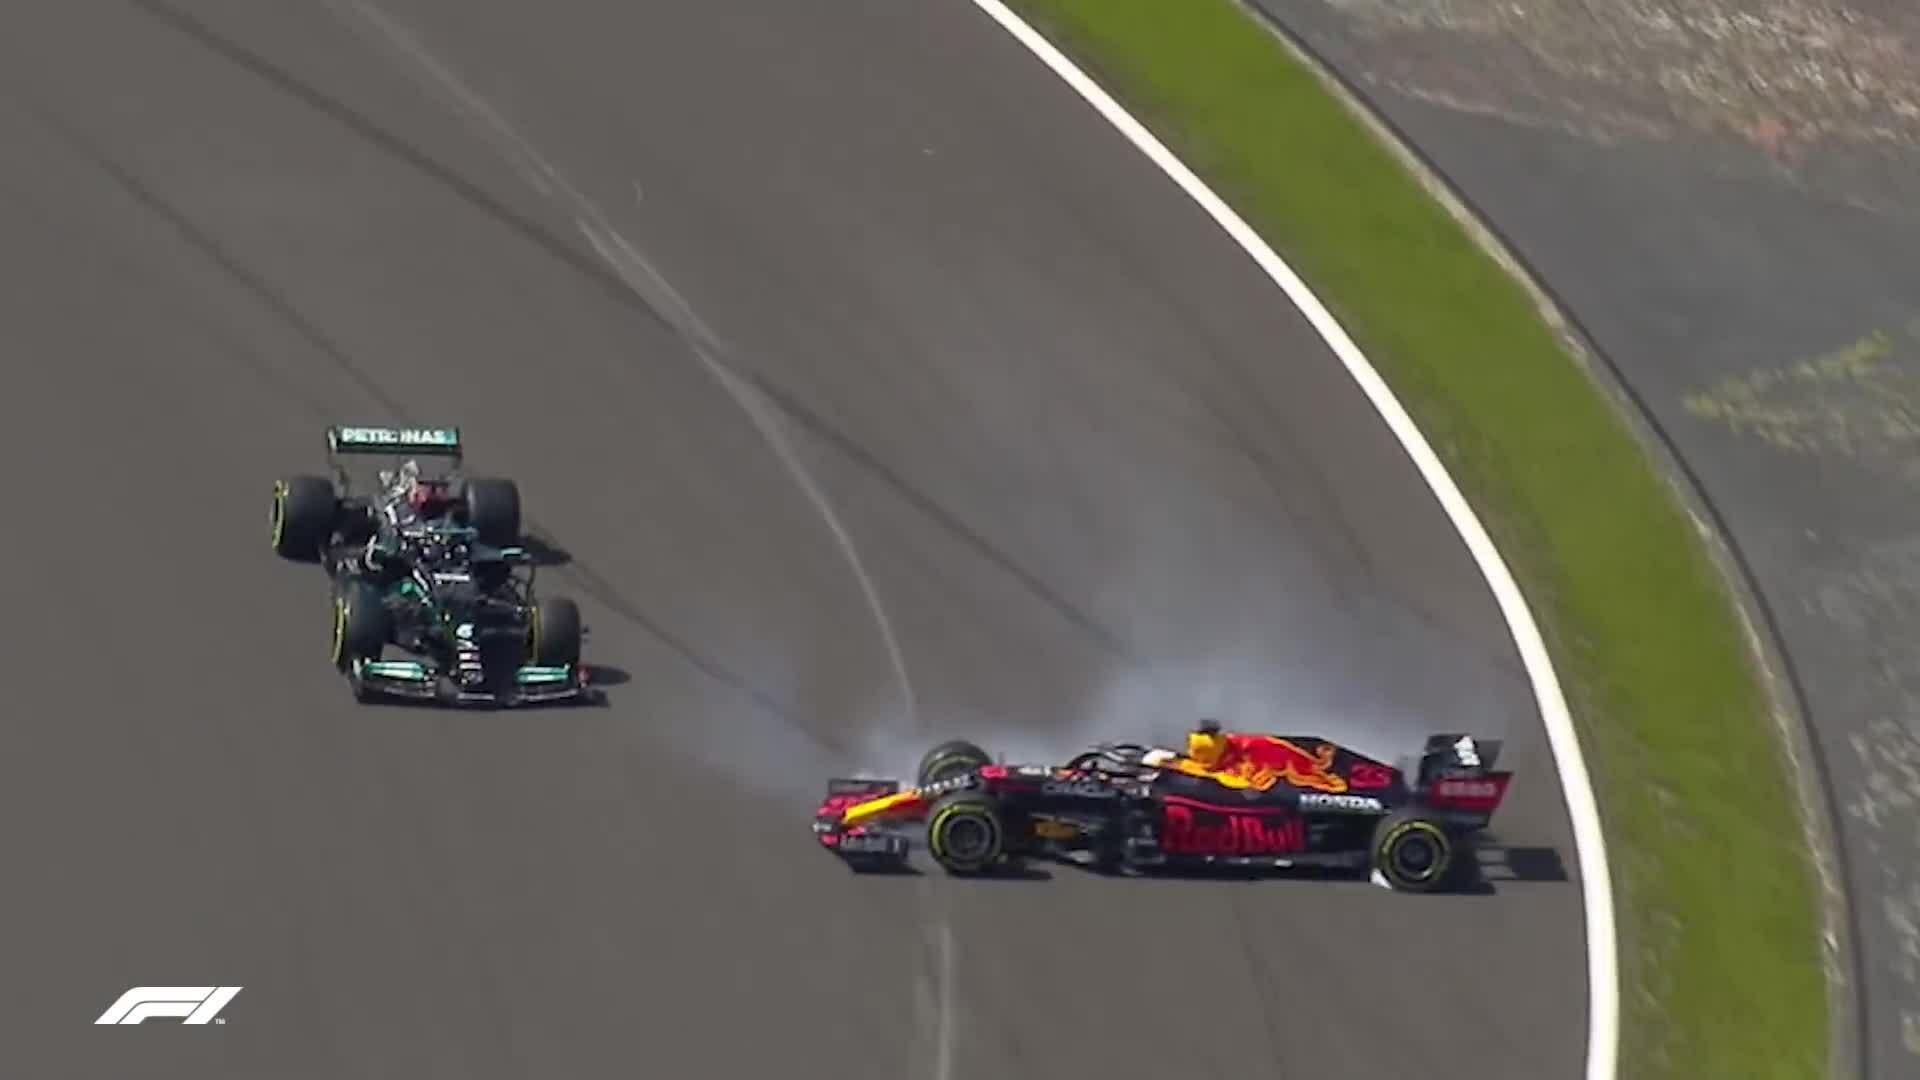 Vụ va chạm của Hamilton và Verstappen ở Silverstone